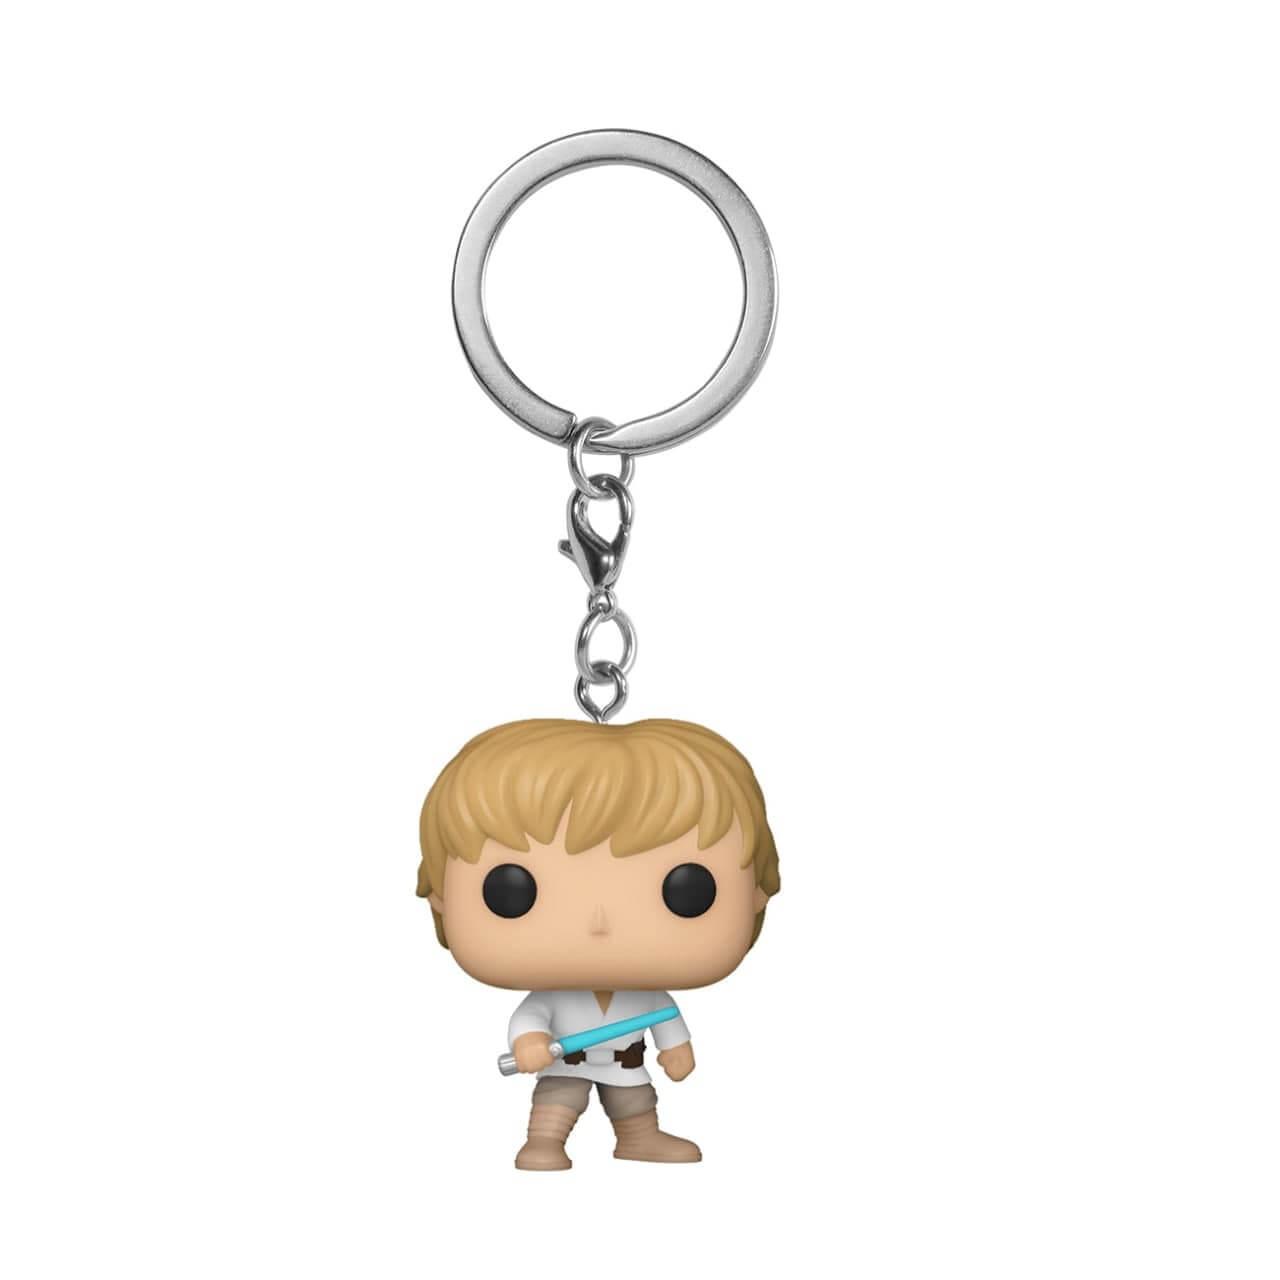 Star Wars Luke Skywalker Pop! Keychain